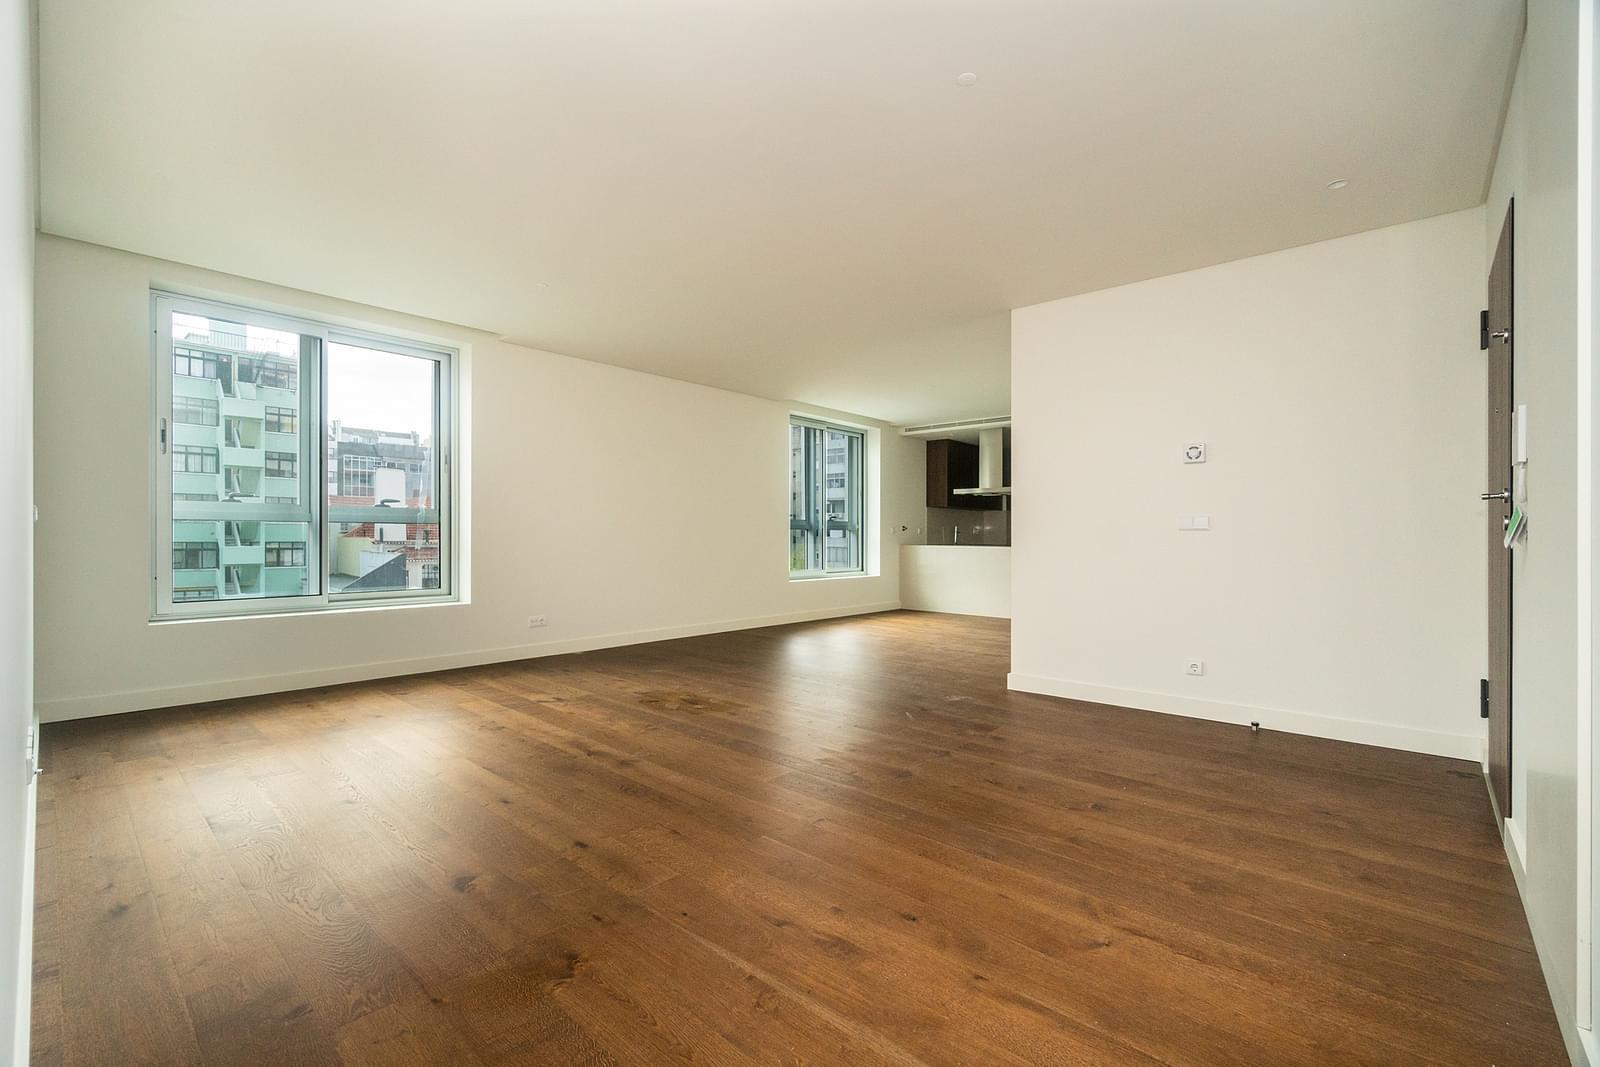 pf18694-apartamento-t3-lisboa-208b73b0-1b00-44ba-9d65-00cd0efe37a4